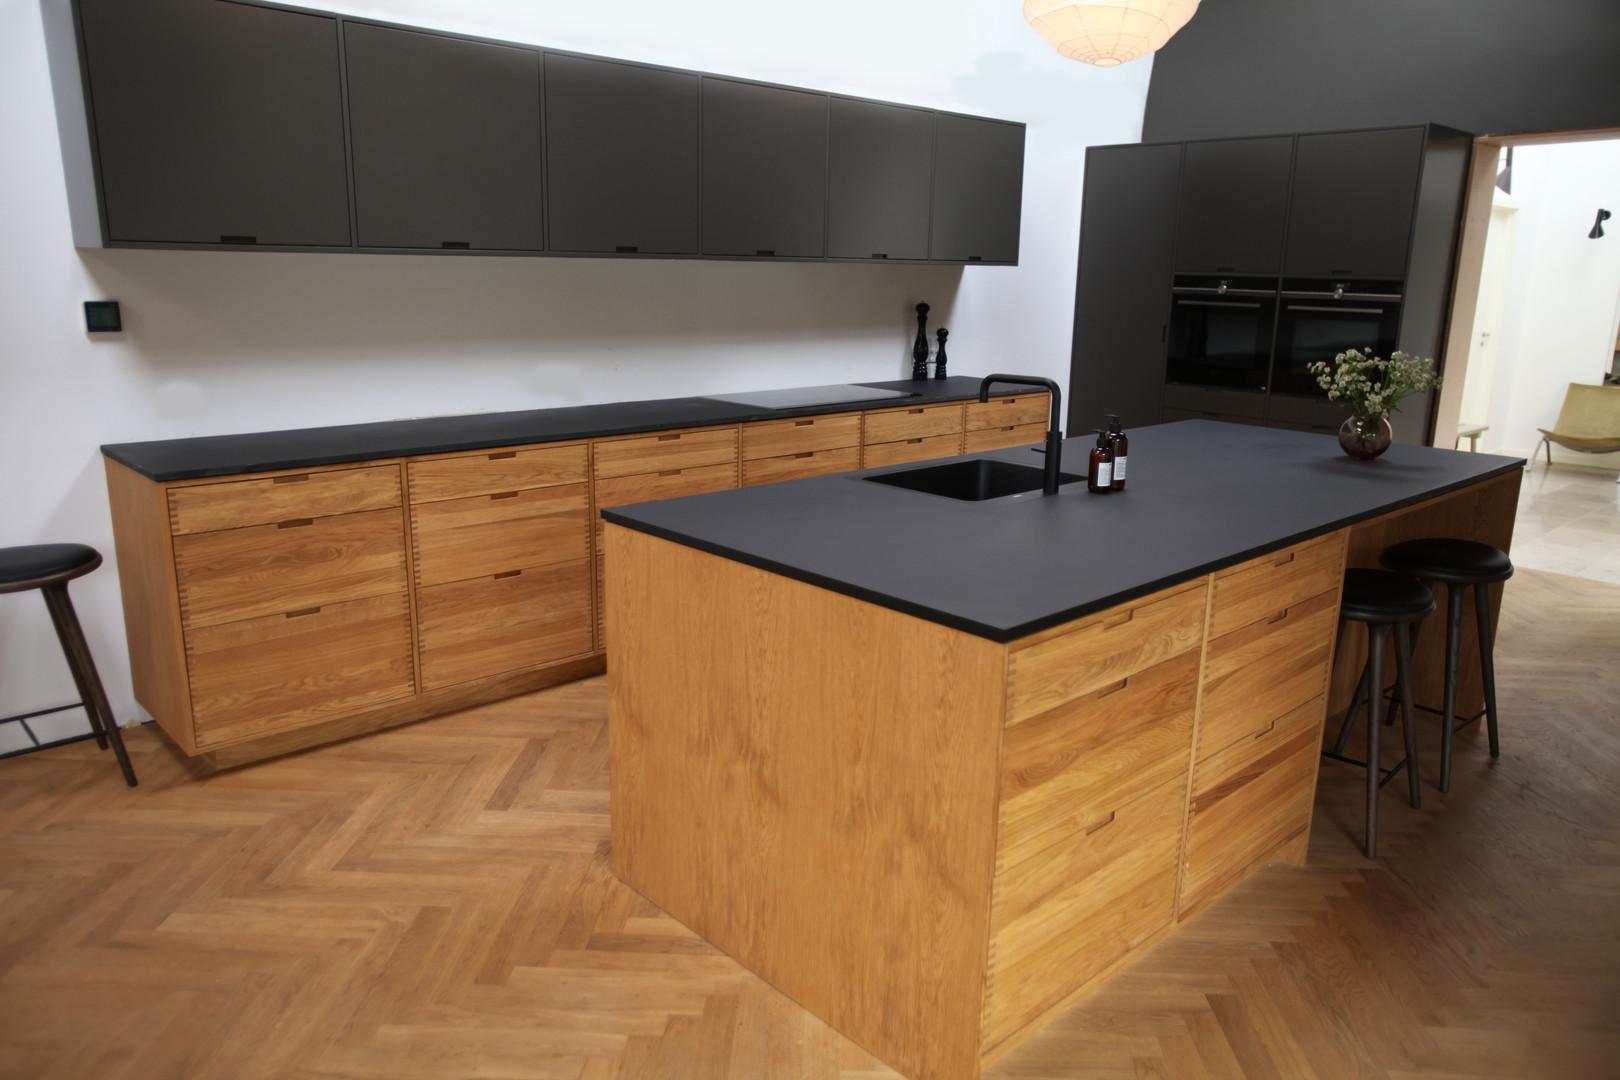 Køkken i egetræ med massive fingertappede skuffer og sortmalede skabe